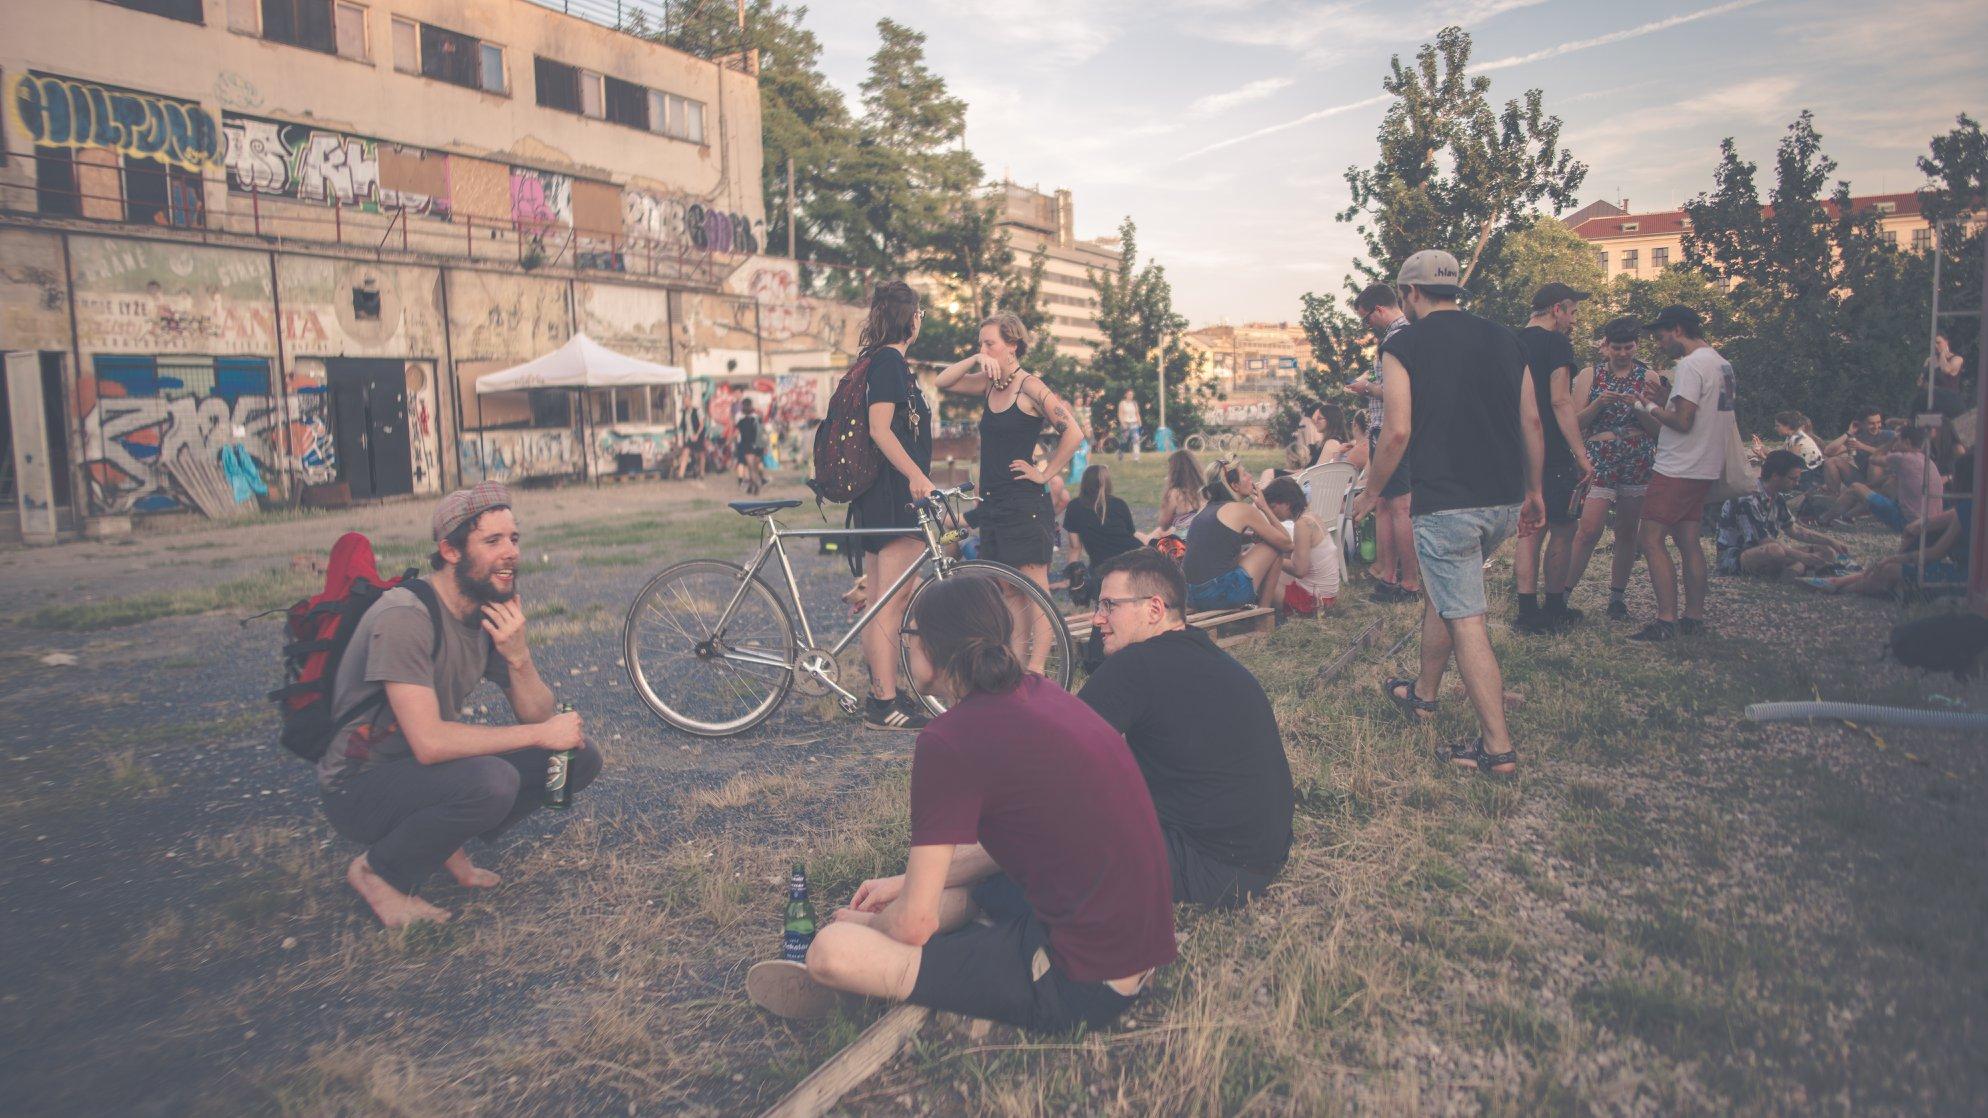 V Praze se otevřela komunitní cyklodílna, kde si lze opravit kolo